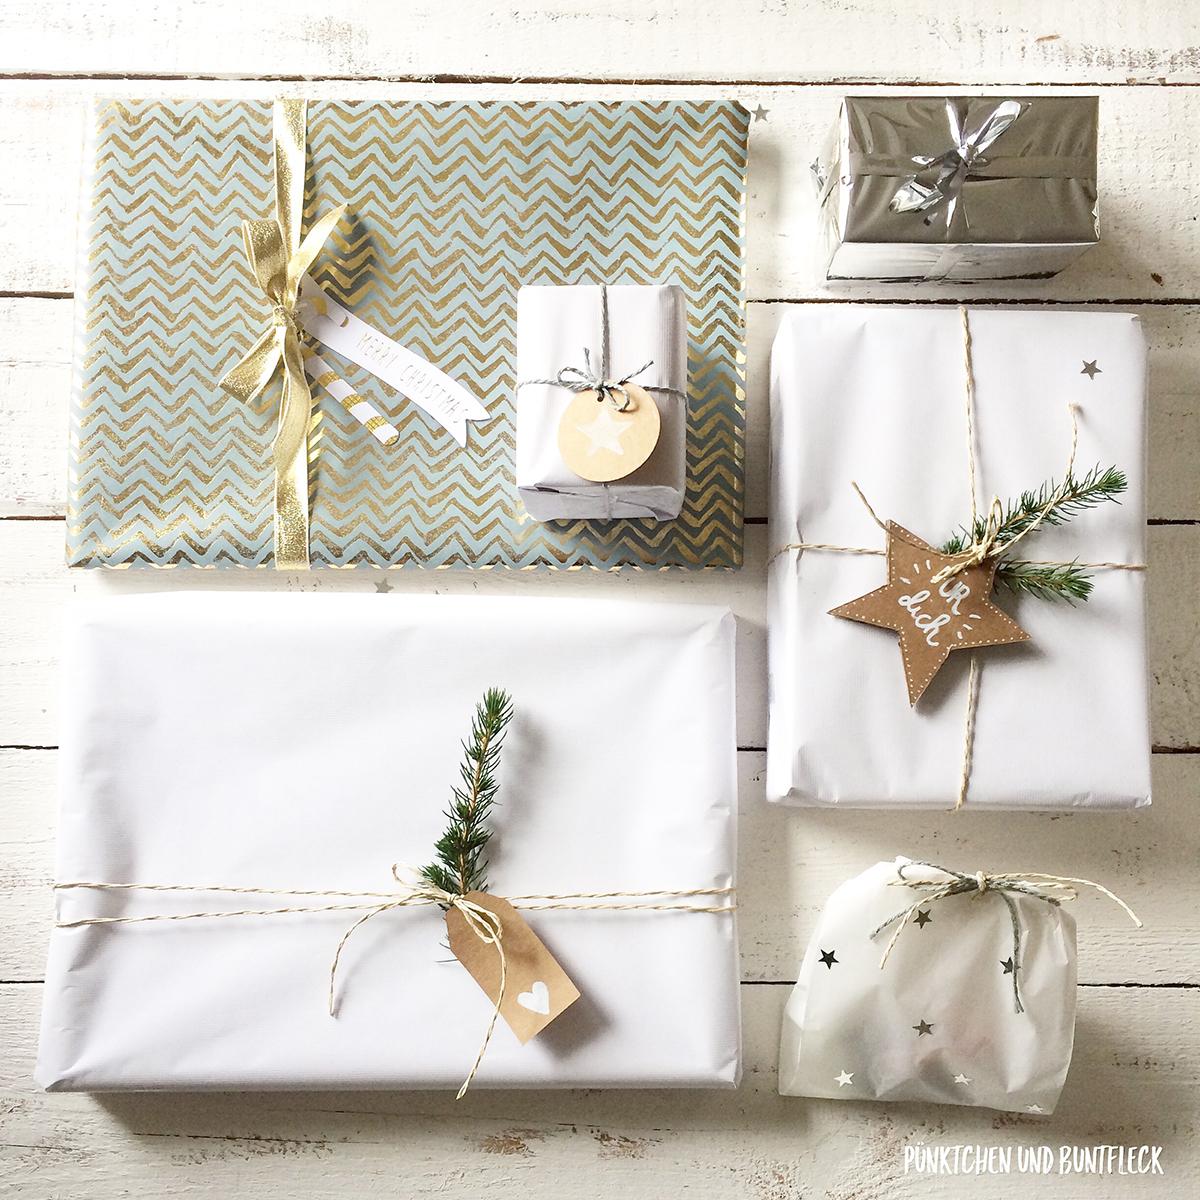 kleine verpackungsideen f r geschenke p nktchen und buntfleck. Black Bedroom Furniture Sets. Home Design Ideas